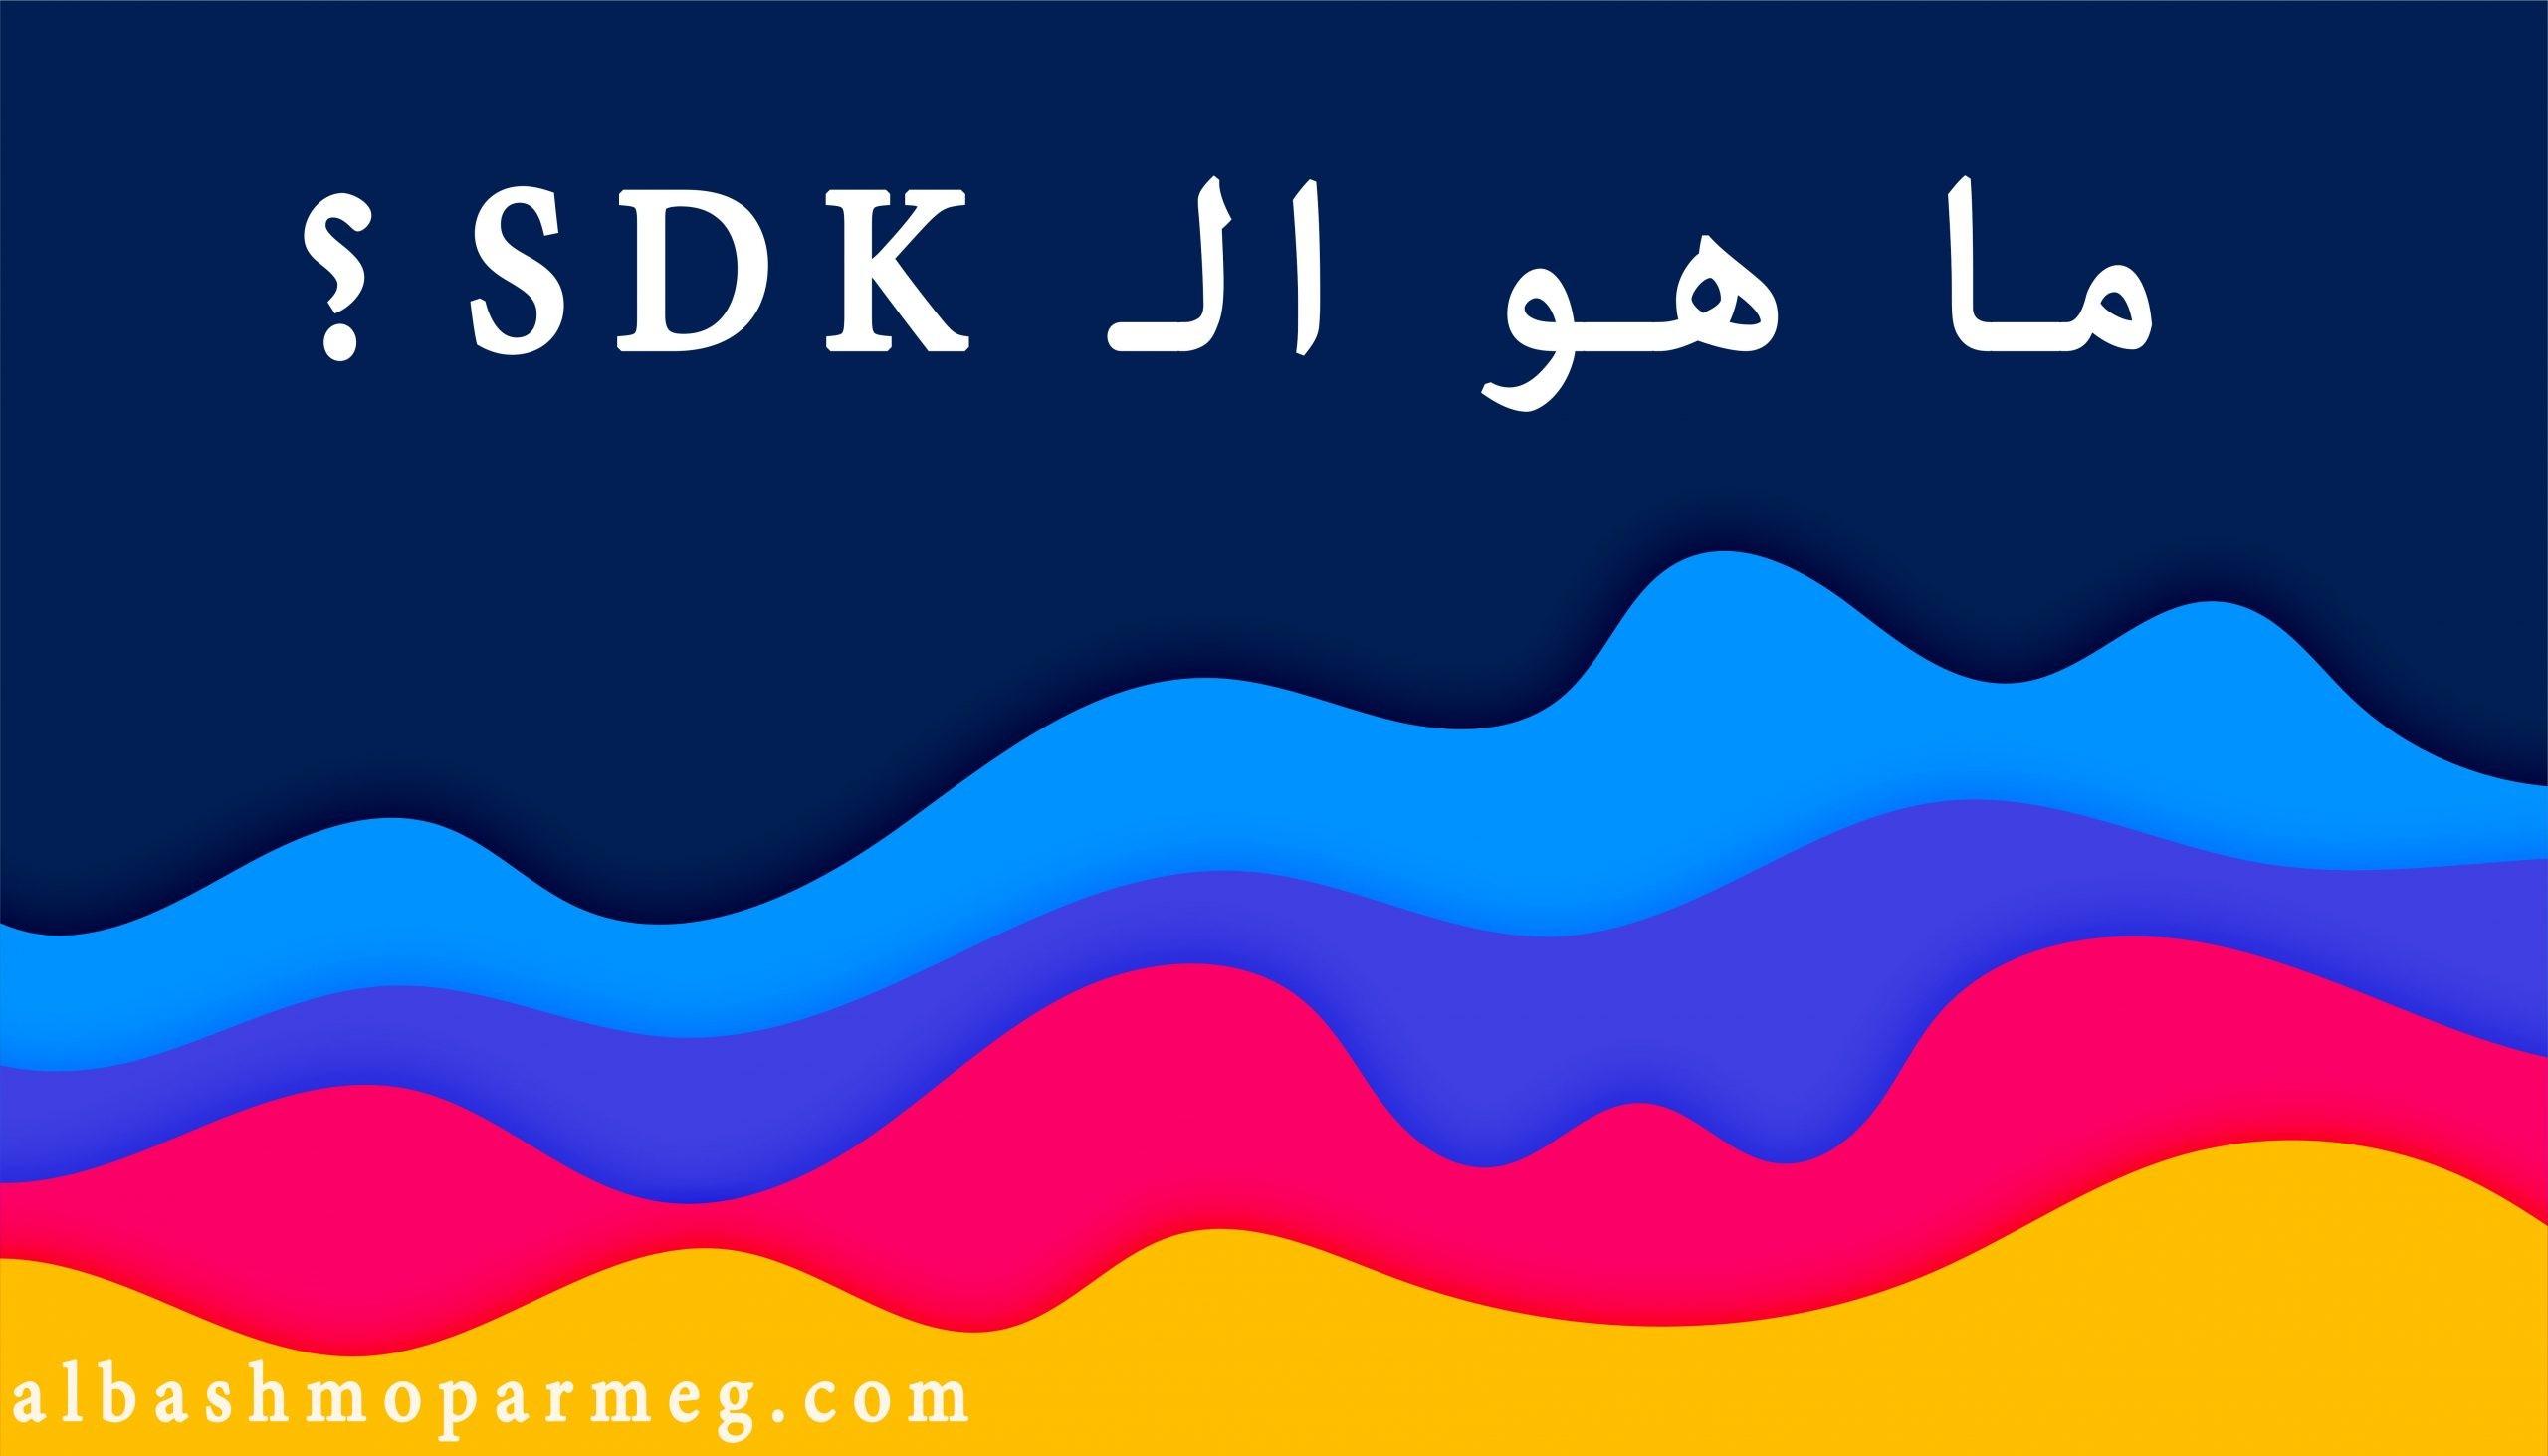 حزمة أدوات تطوير البرمجيات (SDK). ولماذا تعد حزمة SDK مهمة؟ وما هى الخصائص الموجوده فى حزمة SDK التى تُفيد الشركات؟ وأشهر مميزات SDK؟